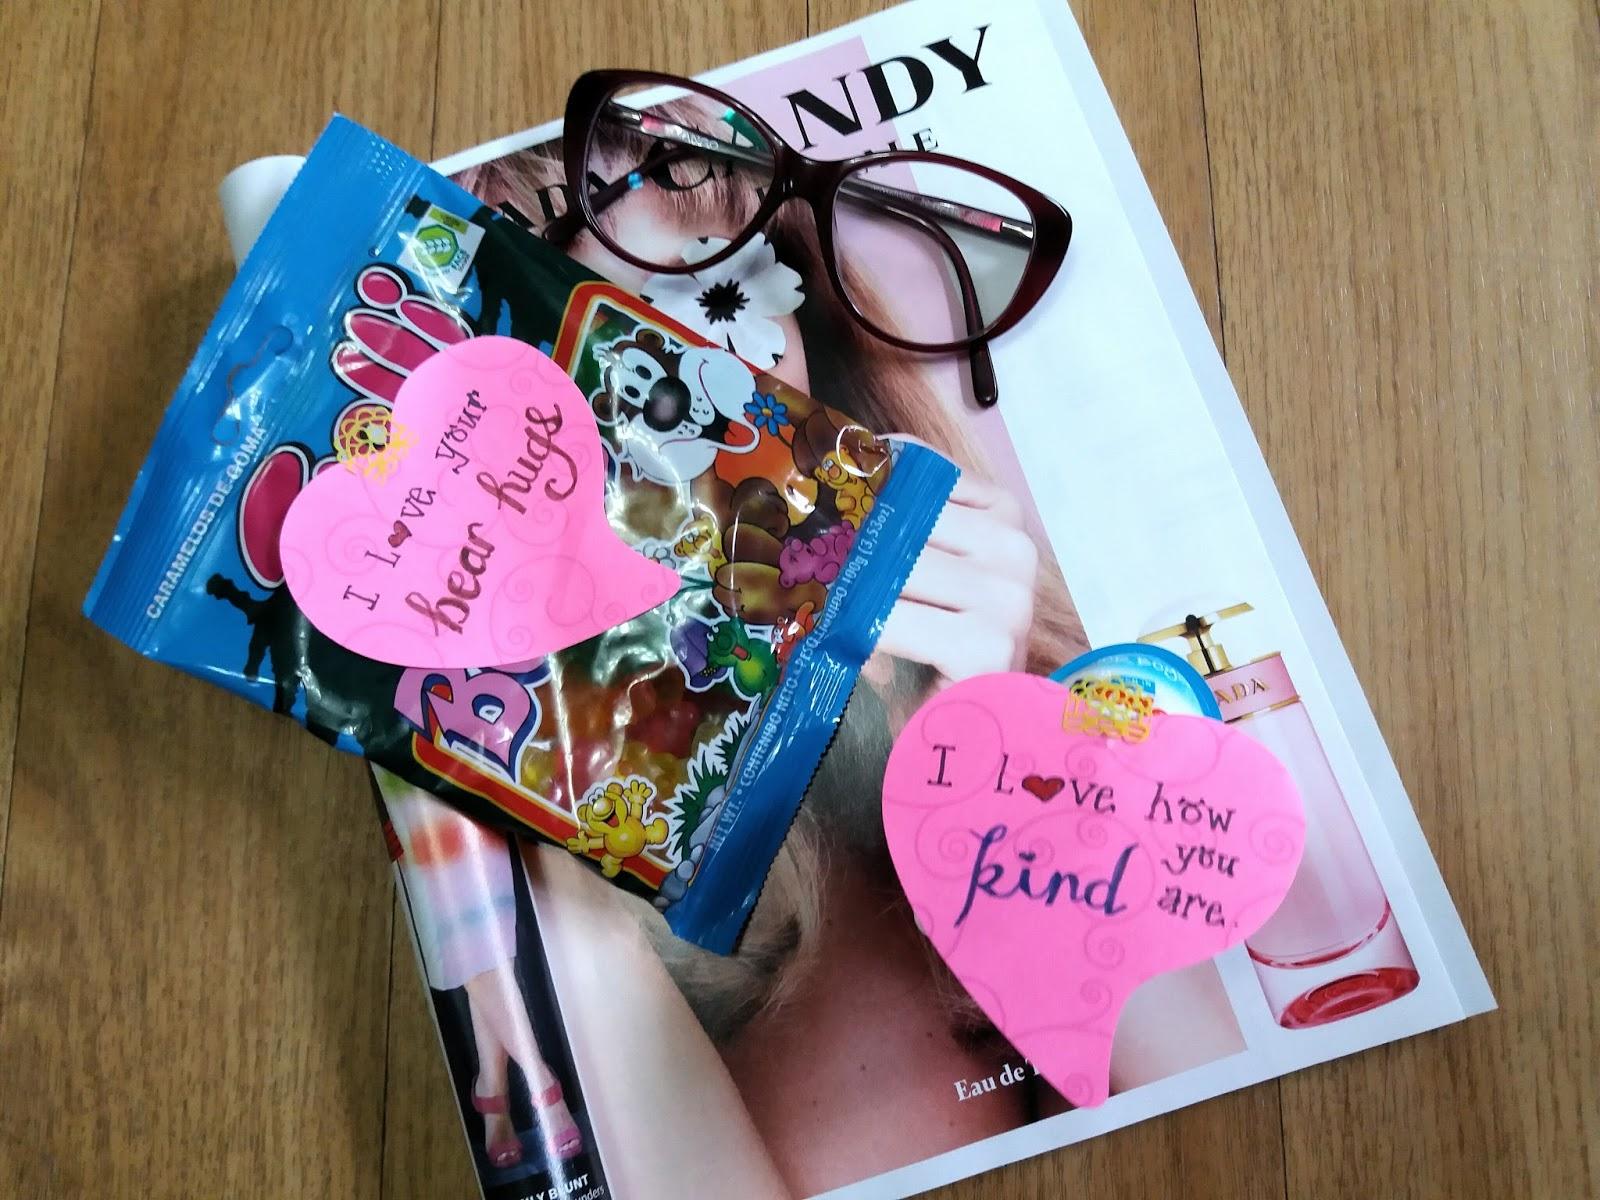 poshmakeupnstuff.blogspot: DIY Boyfriend Gift Ideas